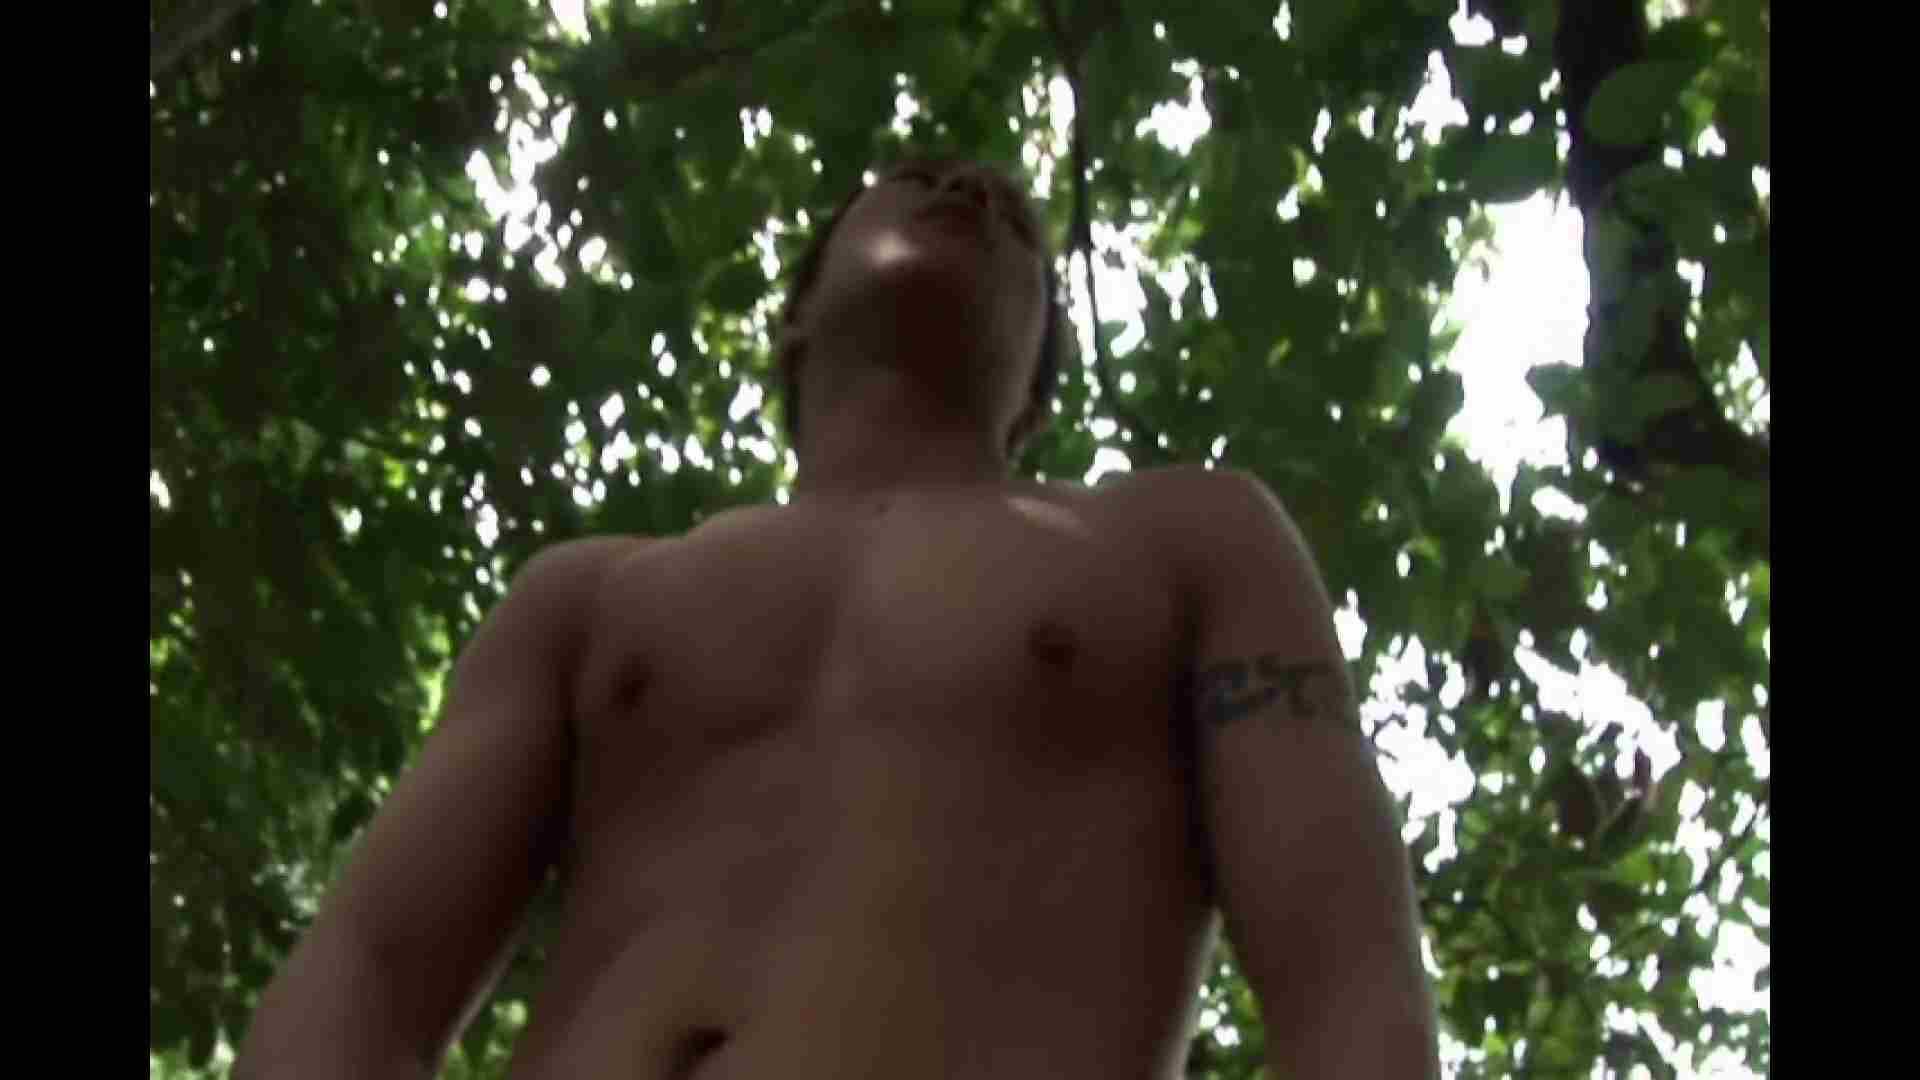 突然ですがしゃぶらせてください Vol.19 野外露出 ゲイ素人エロ画像 86枚 16